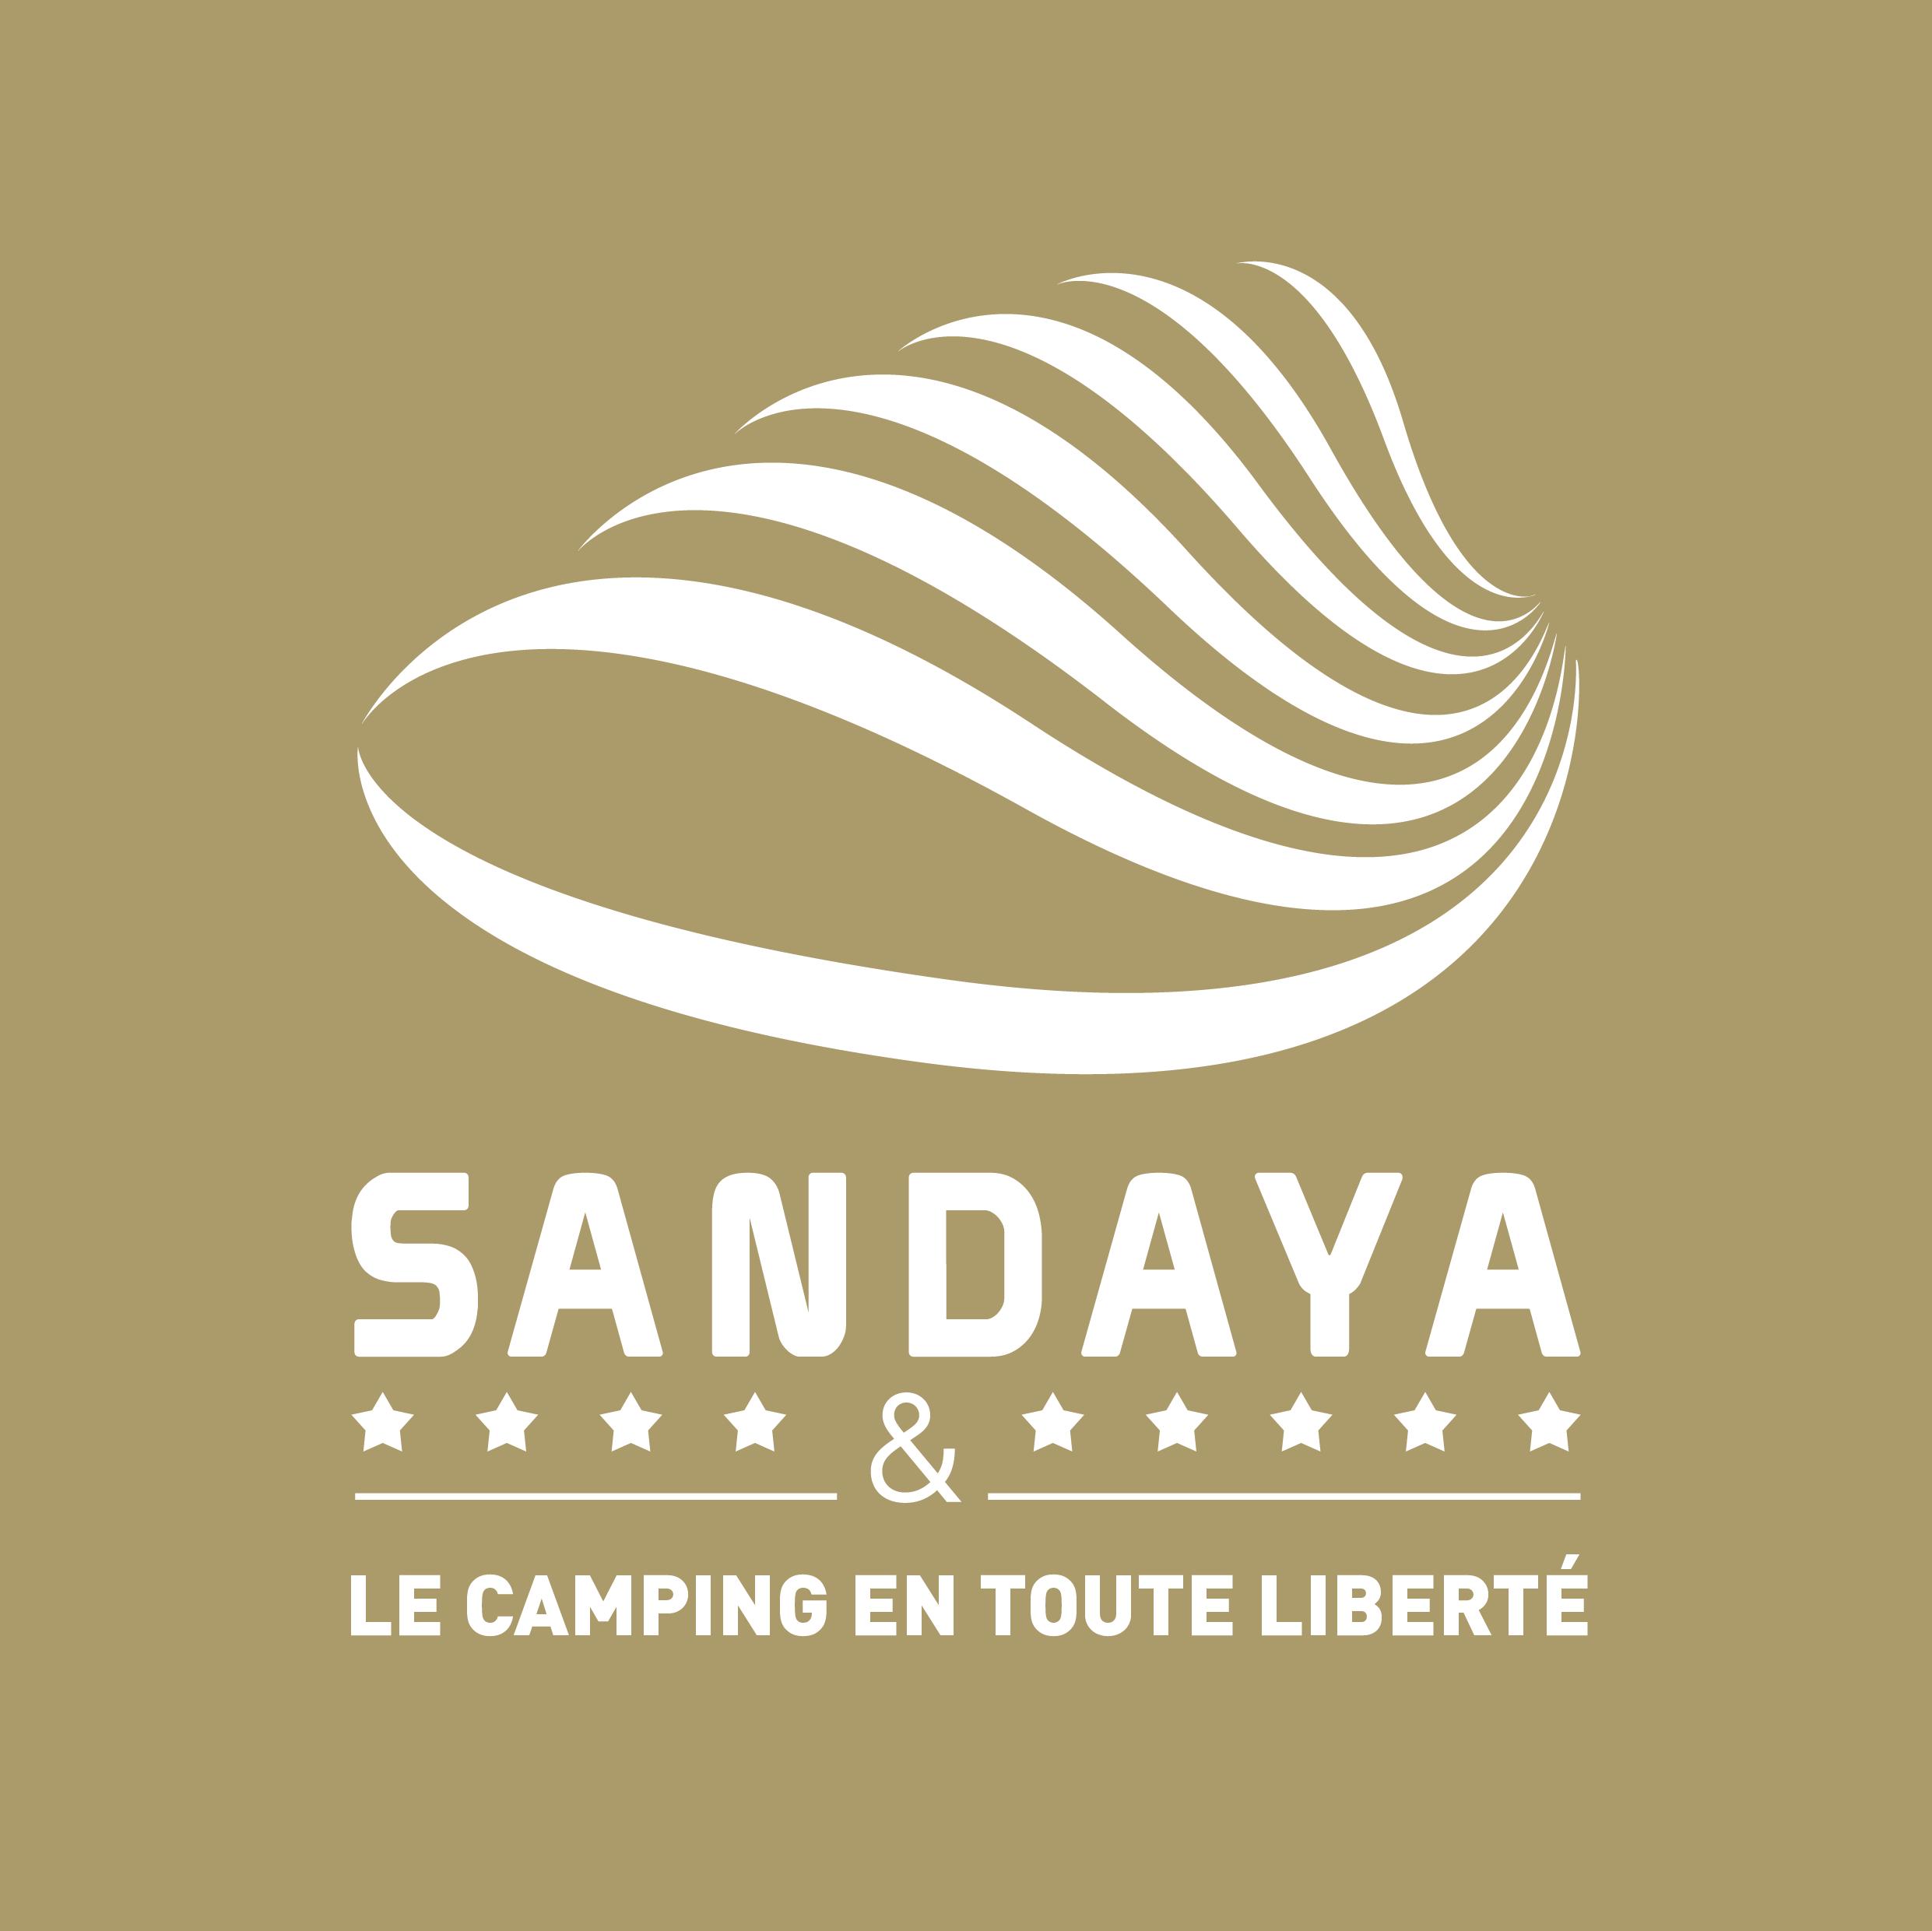 Logo de Sandaya